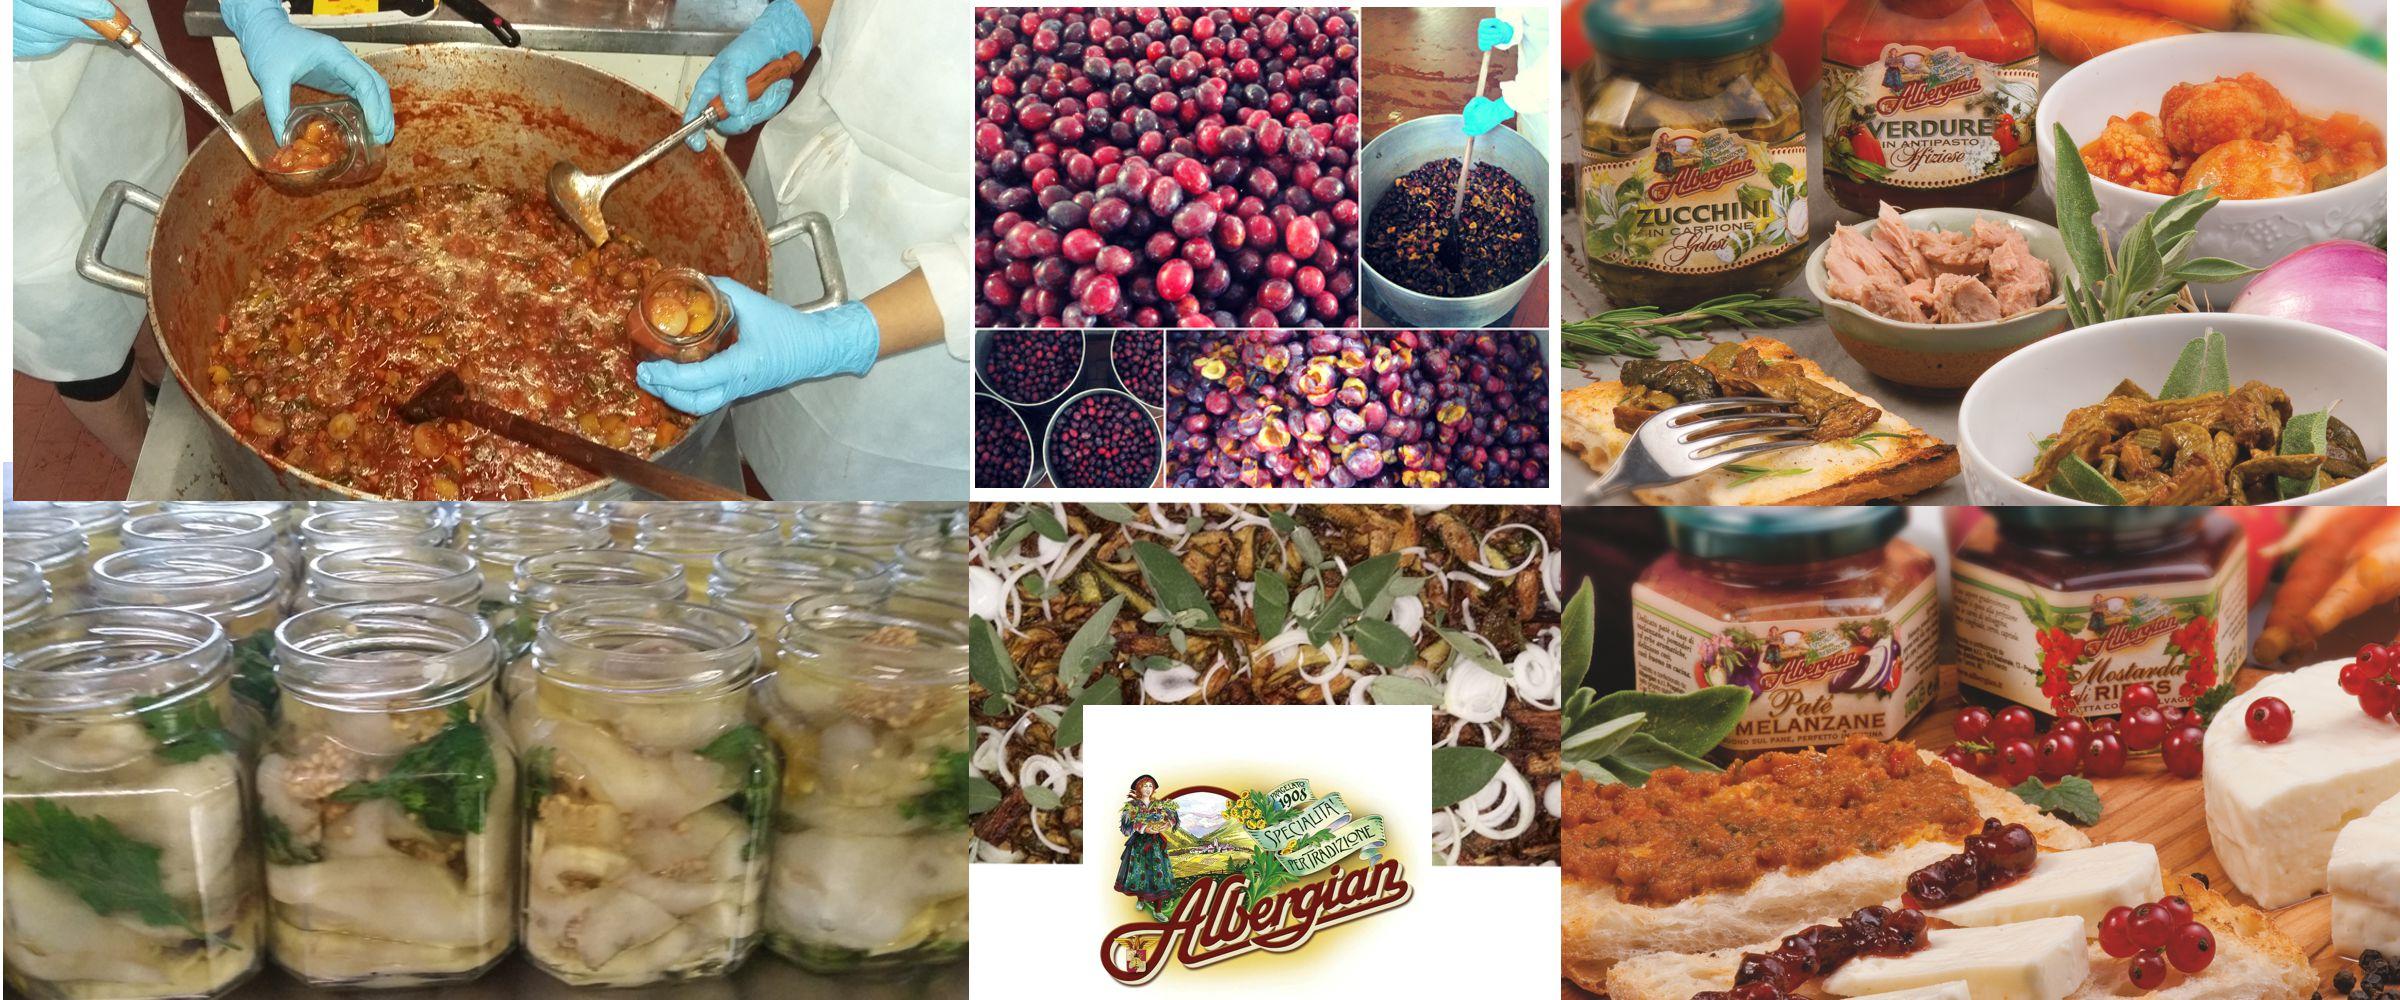 Produktion und Produkte Albergian